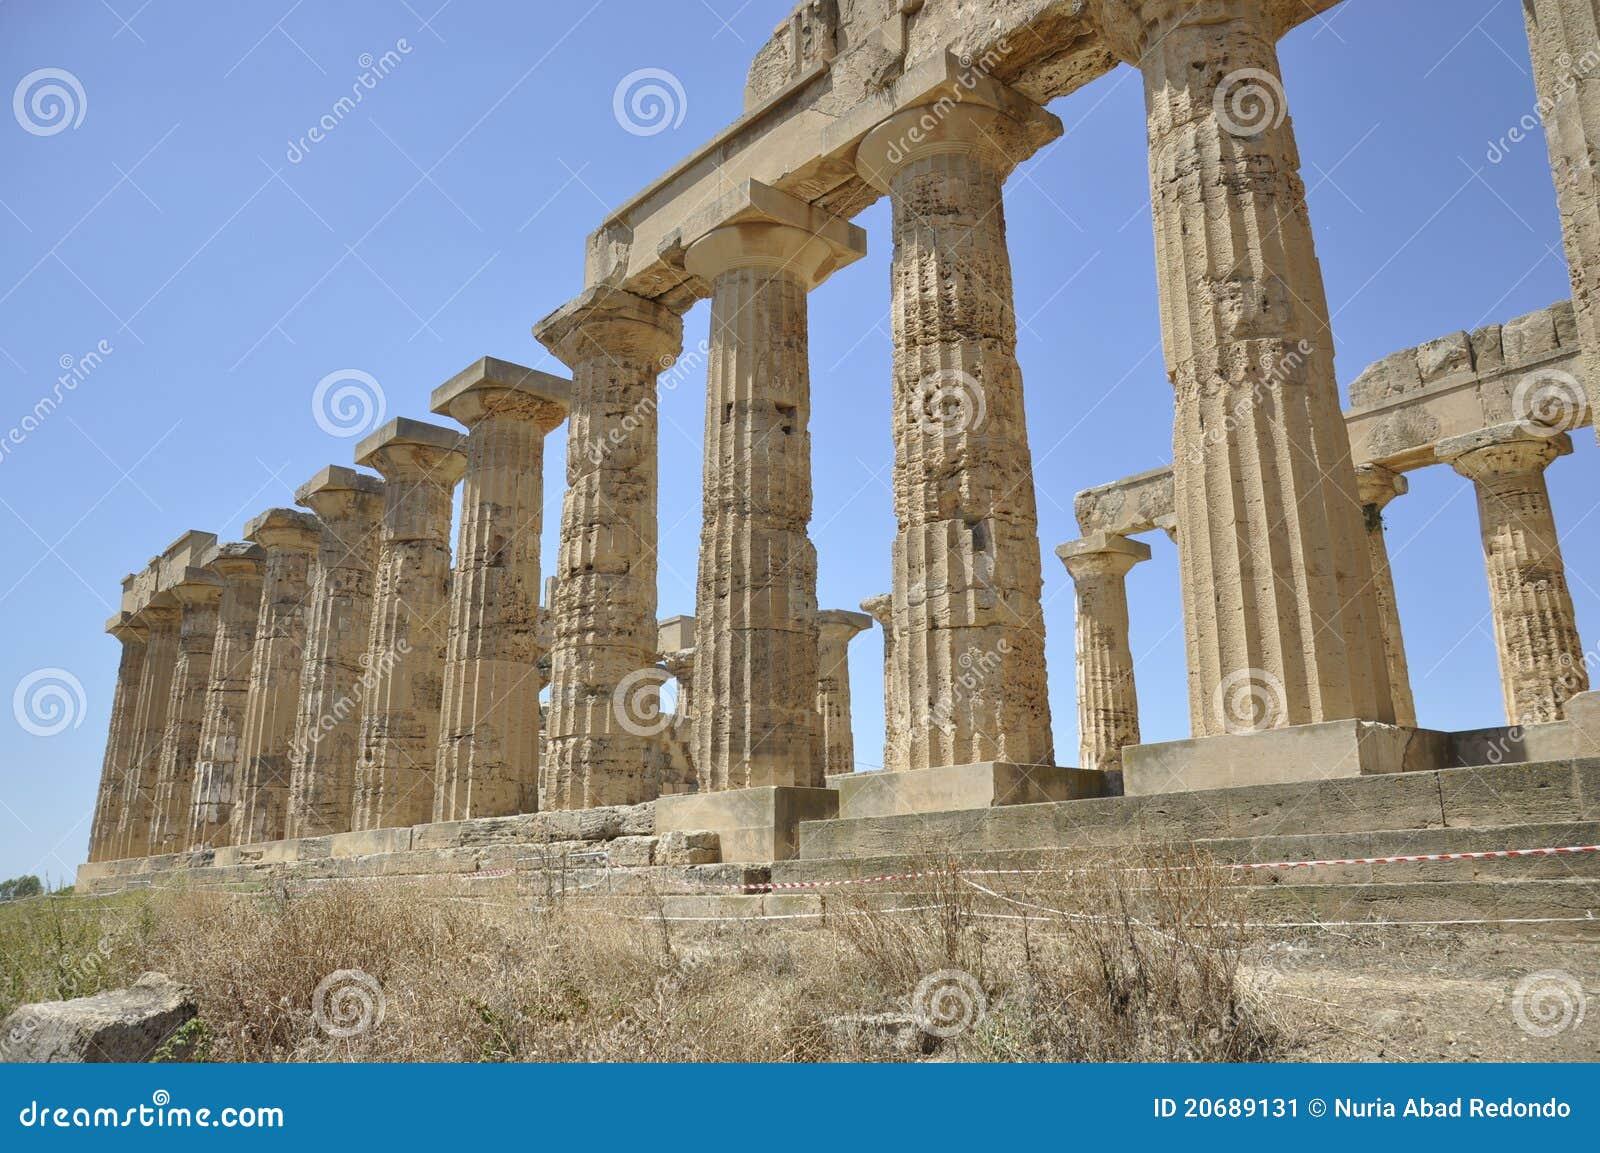 Griechischer Tempel in Sizilien. Italien.